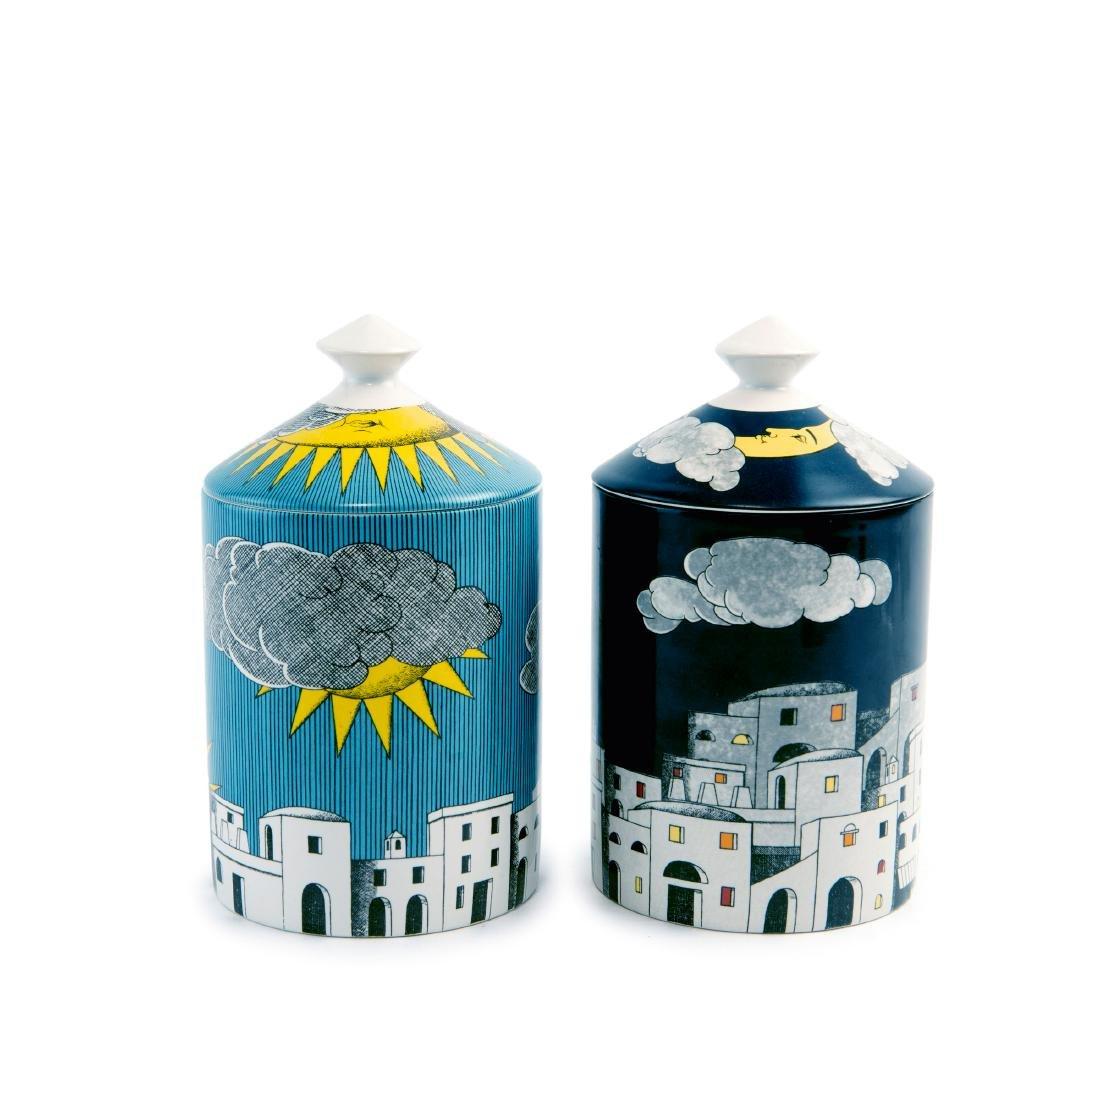 Two jars, 'La notte di Capri' and 'Il sole di Capri',